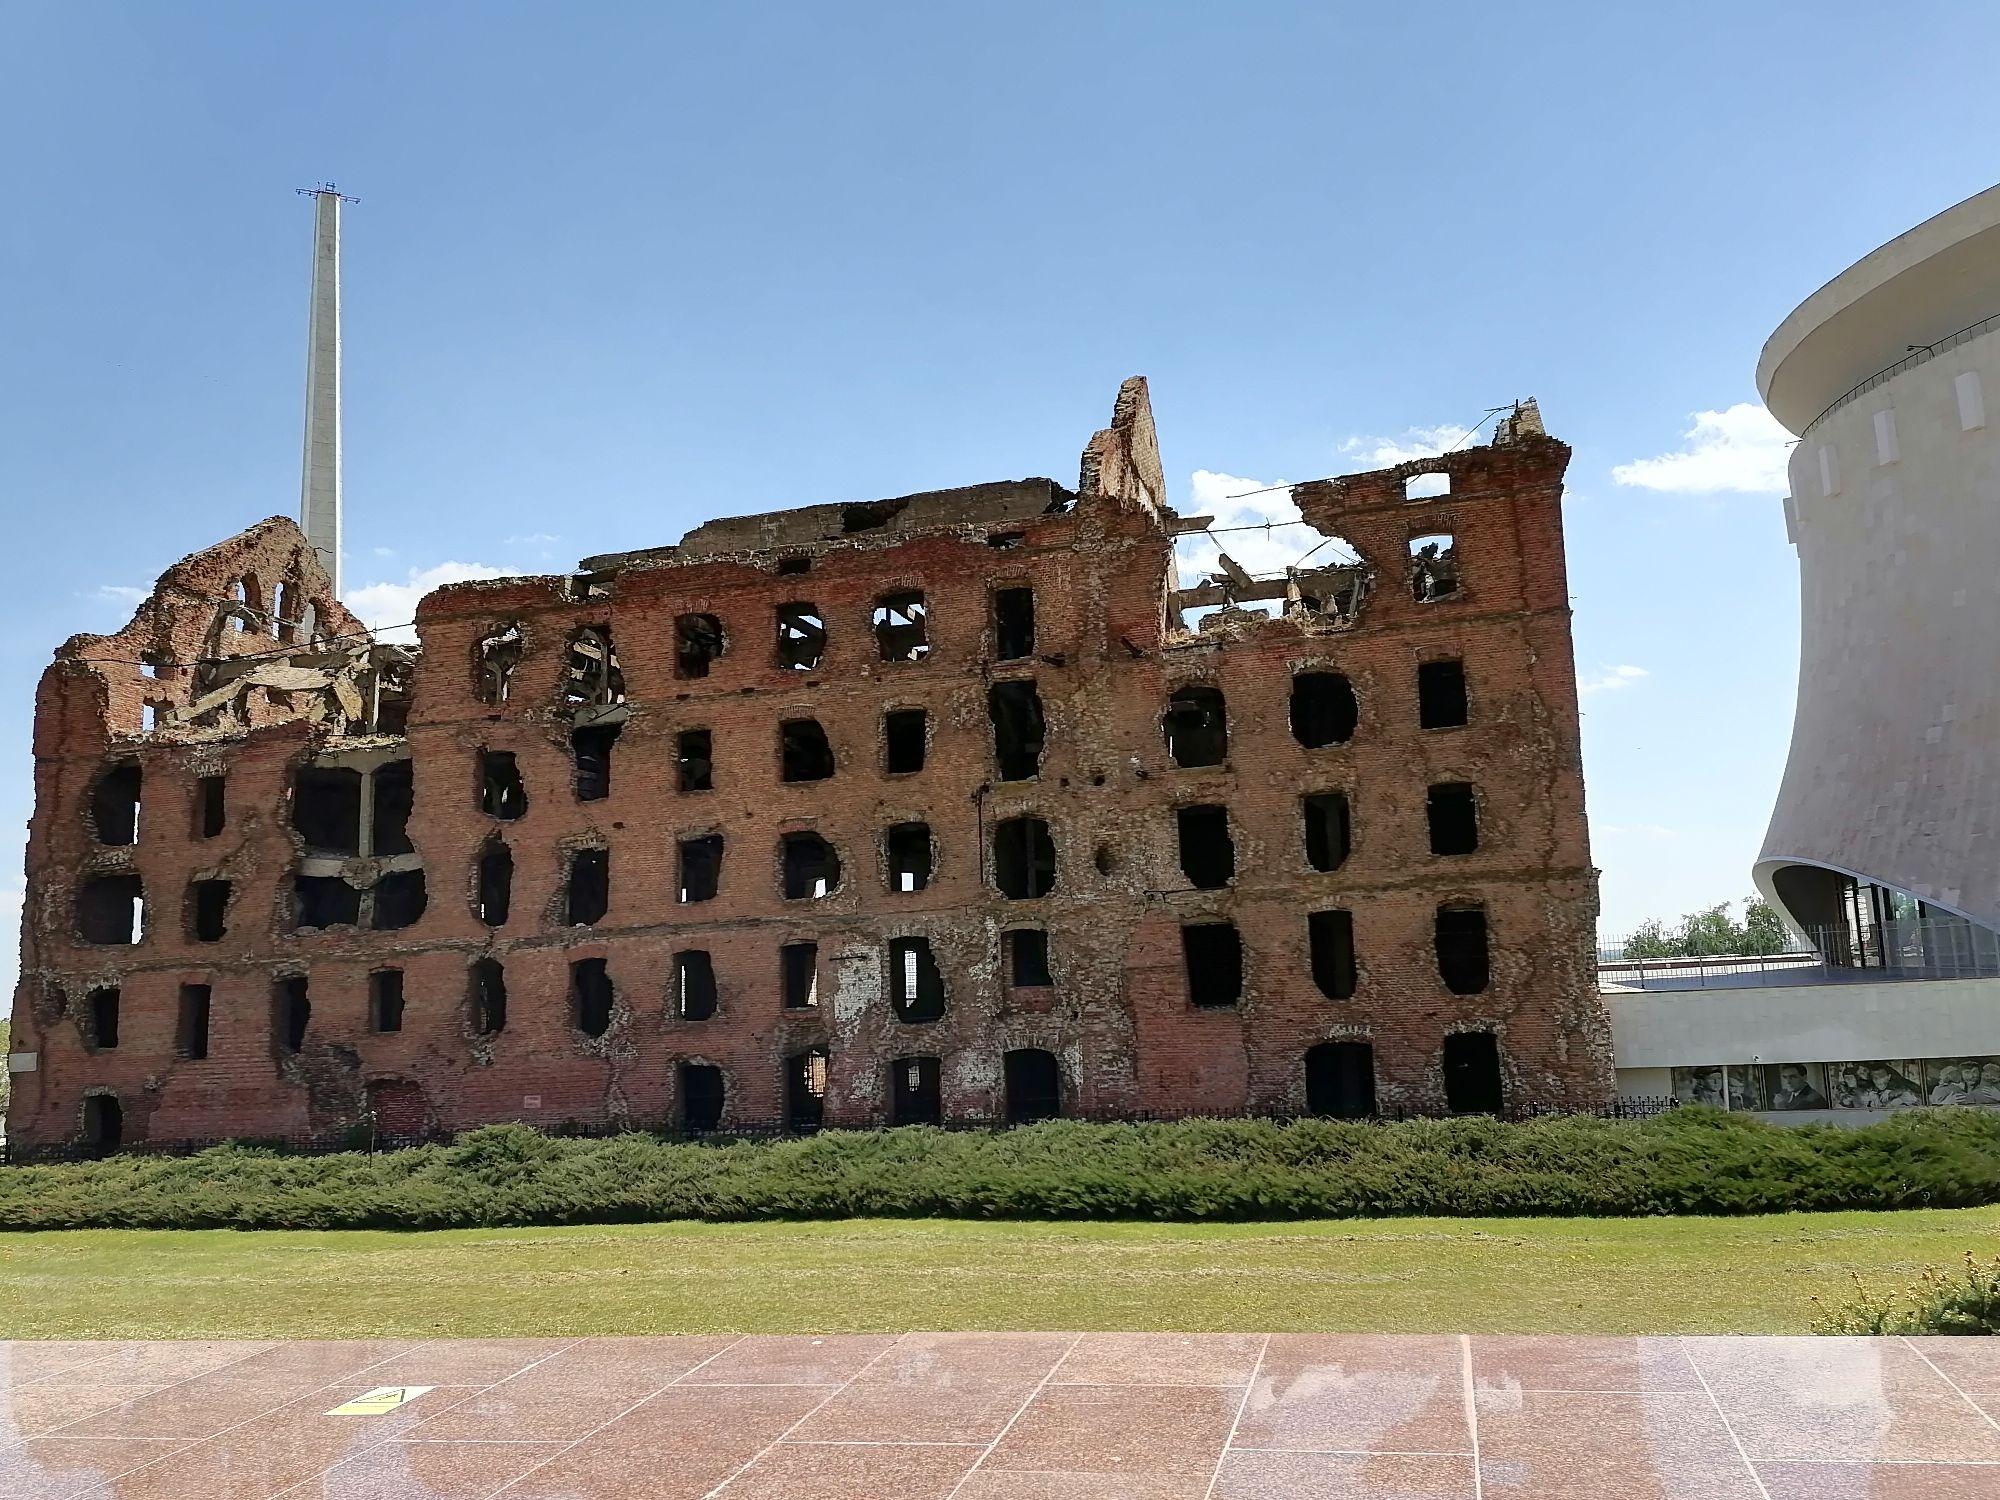 Мельница Гергардта разрушенное, но уцелевшее во время Сталинградской битвы здание